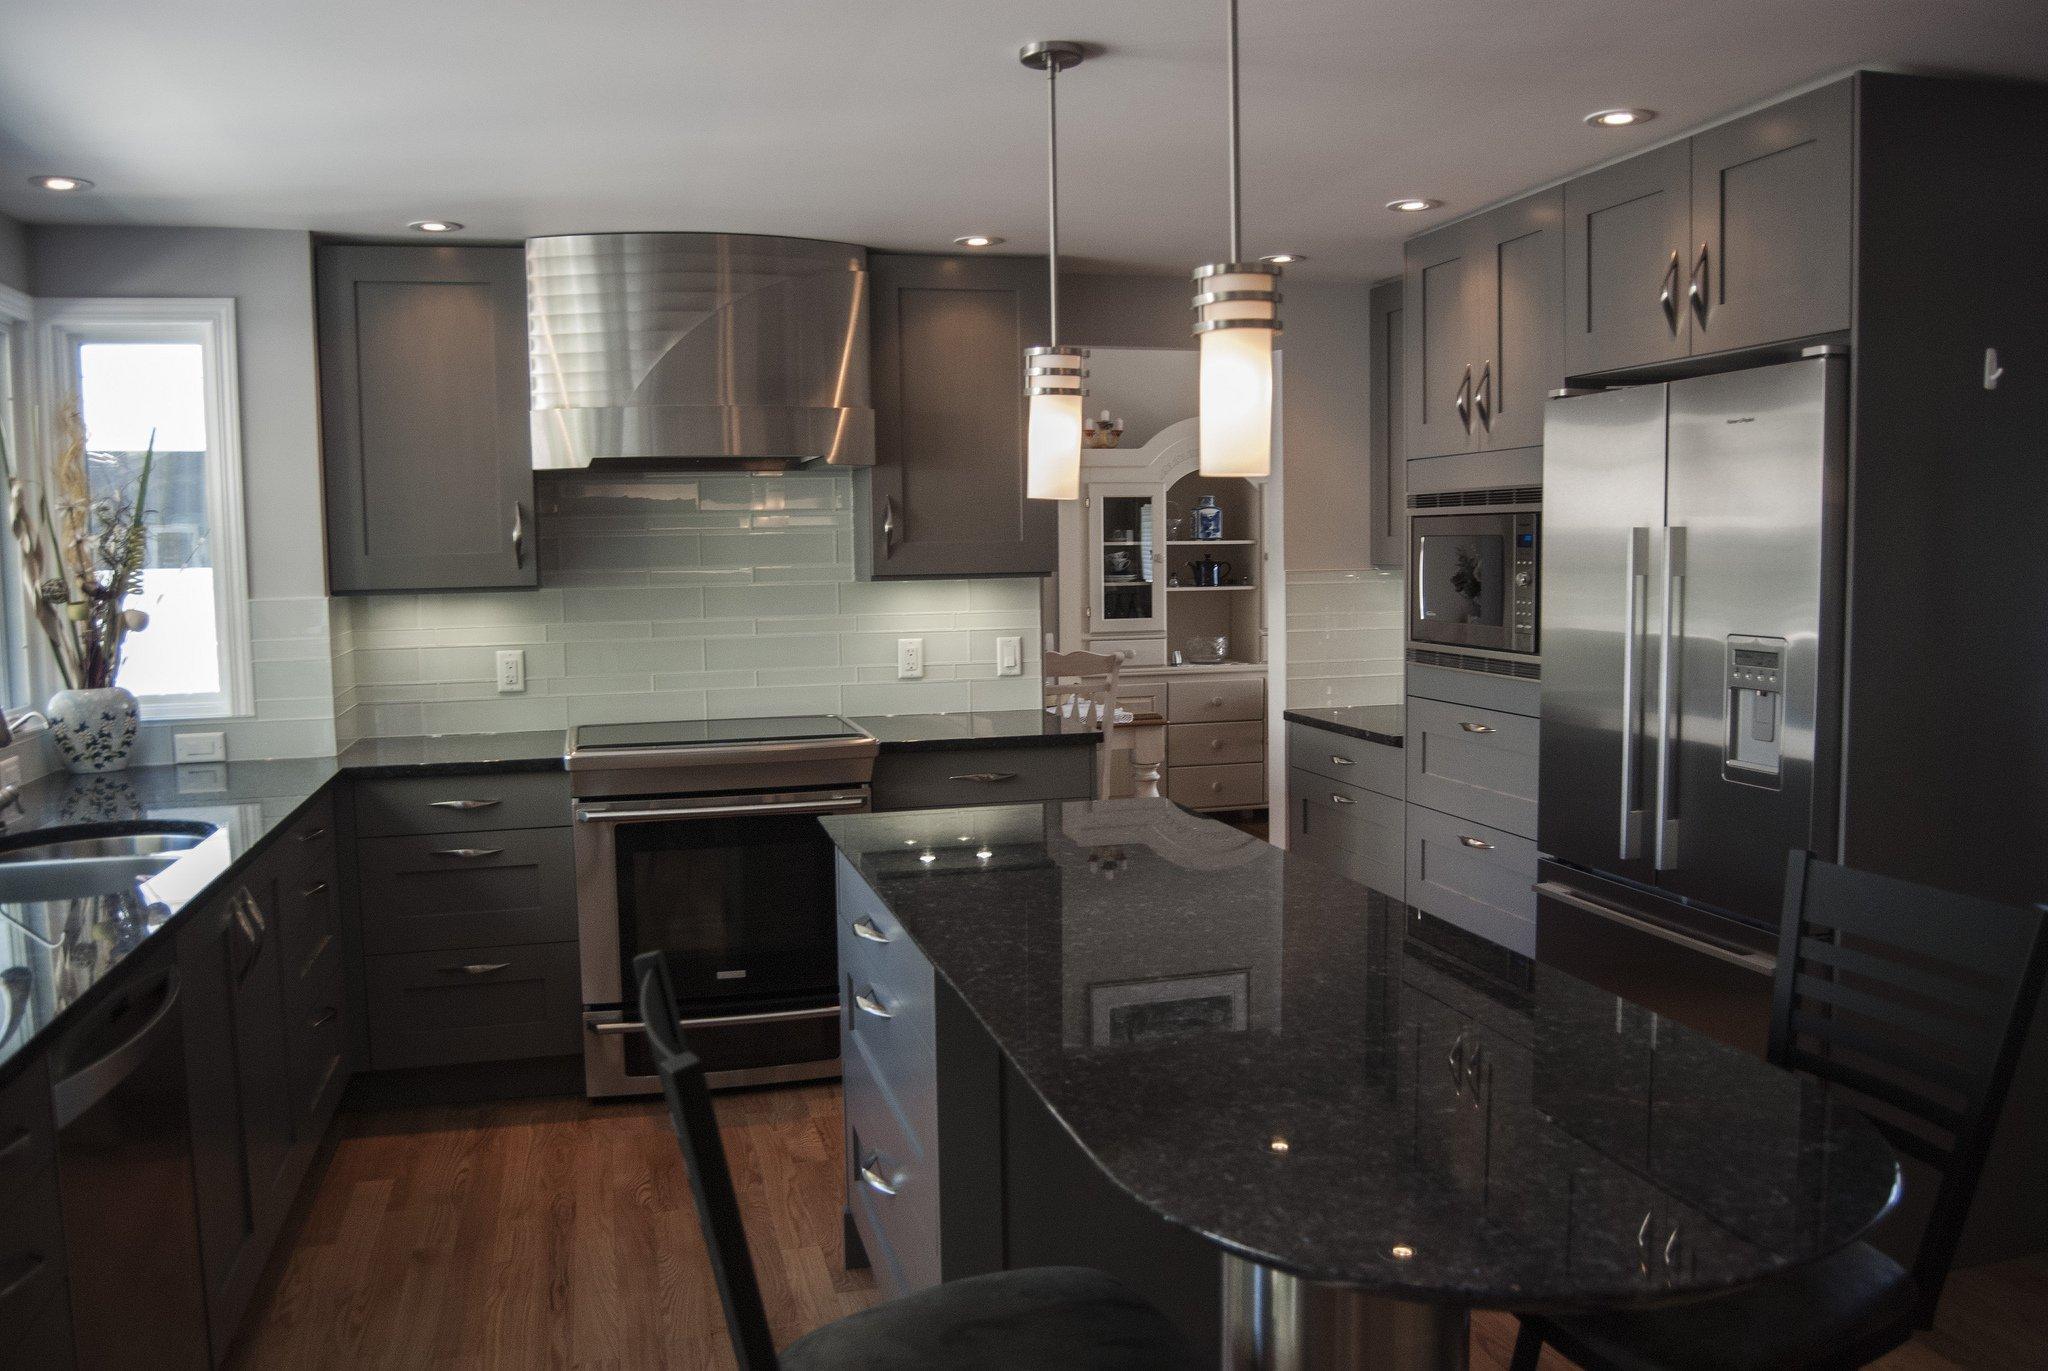 кухни буквой п фото дизайн отличительная